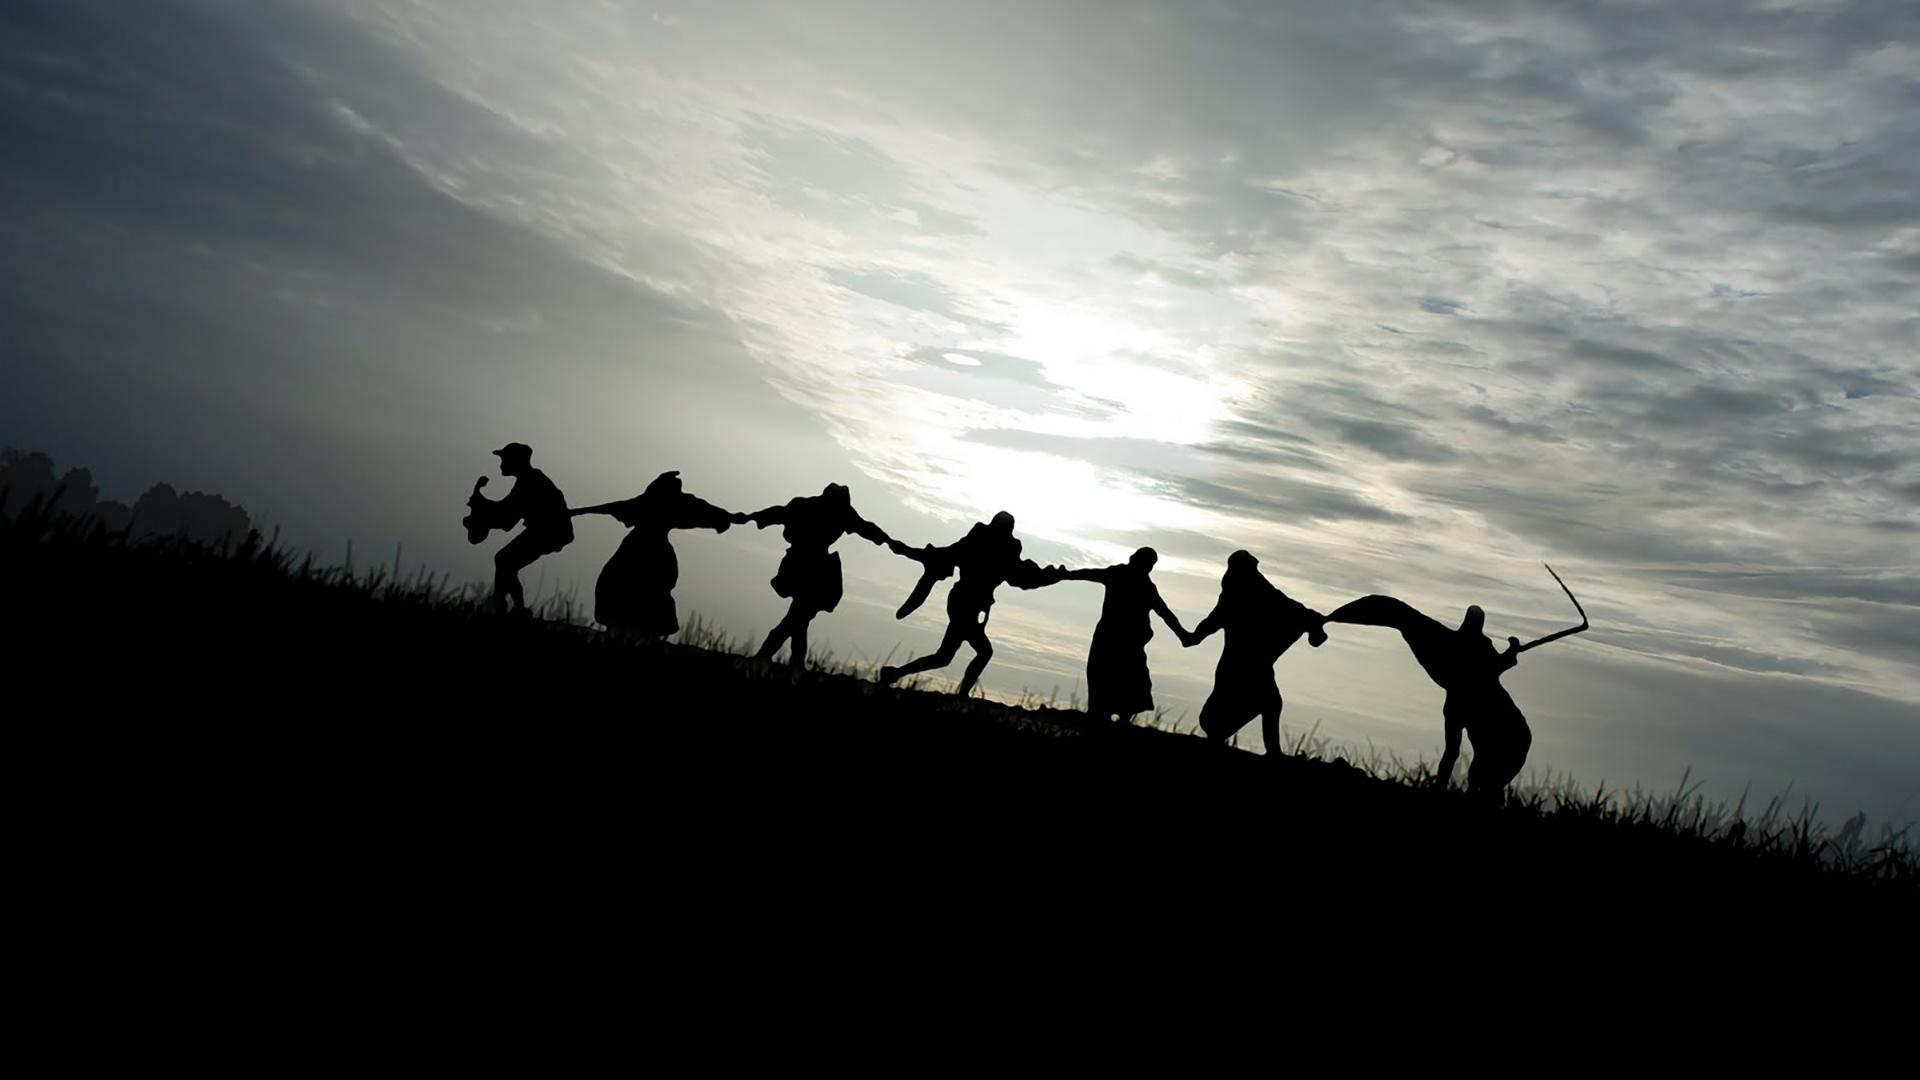 صحنهی نهایی فیلم مهر هفتم اثر برگمان